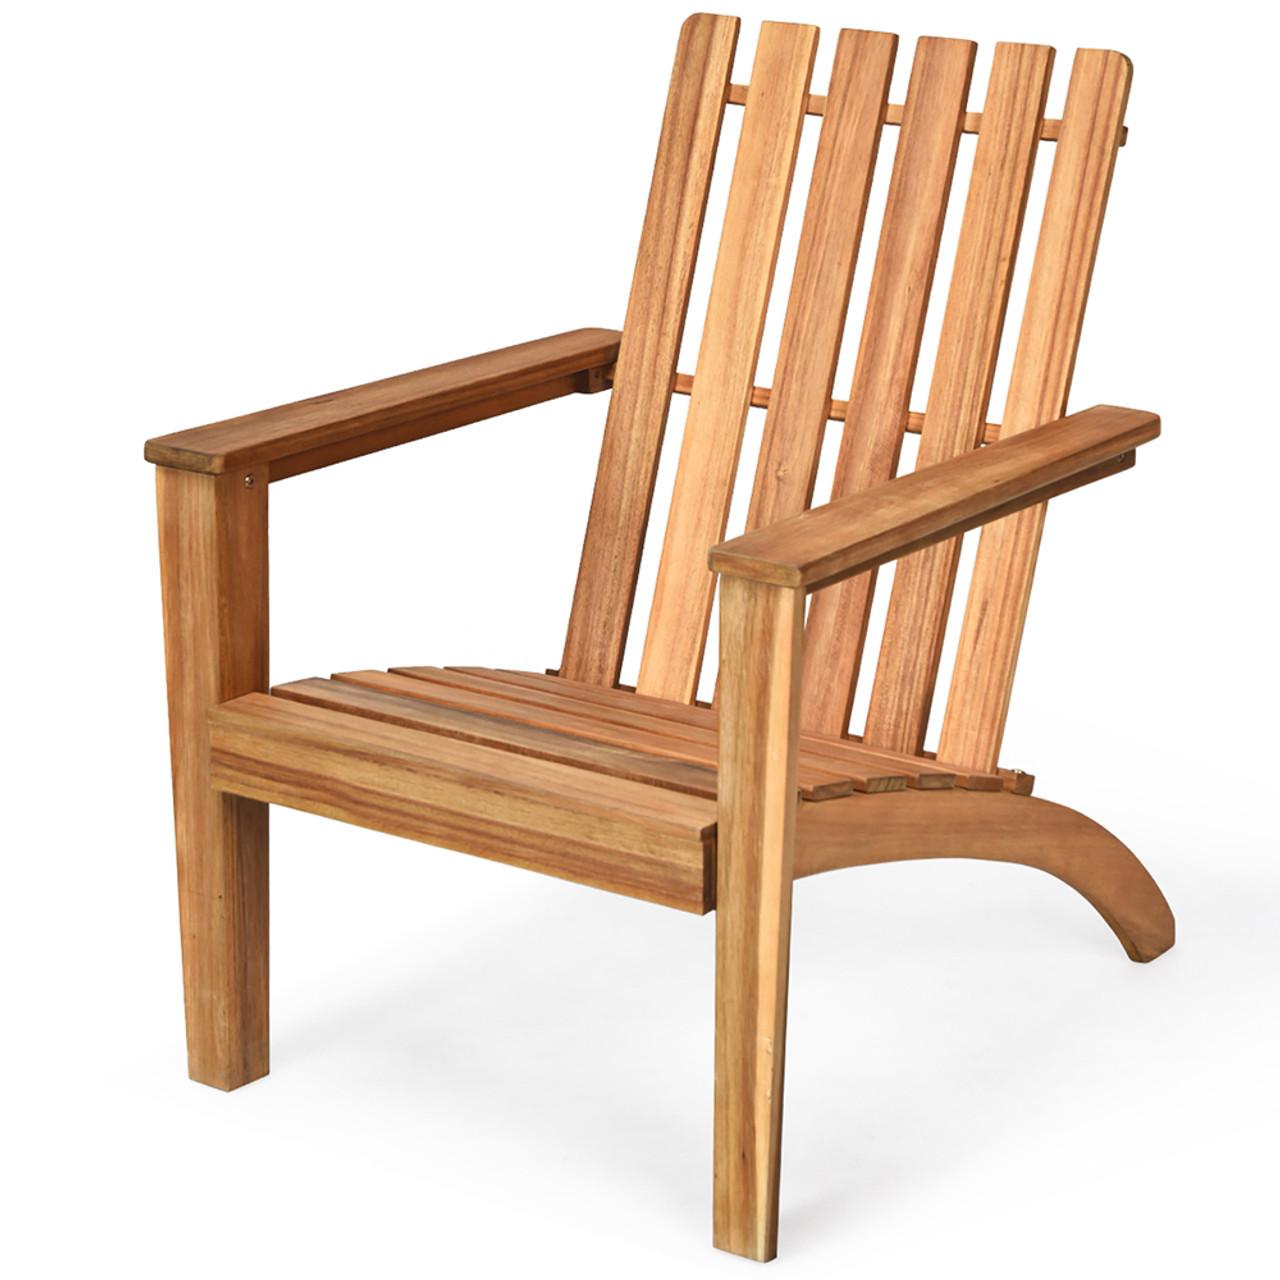 Costway Patio Acacia Wood Adirondack Chair